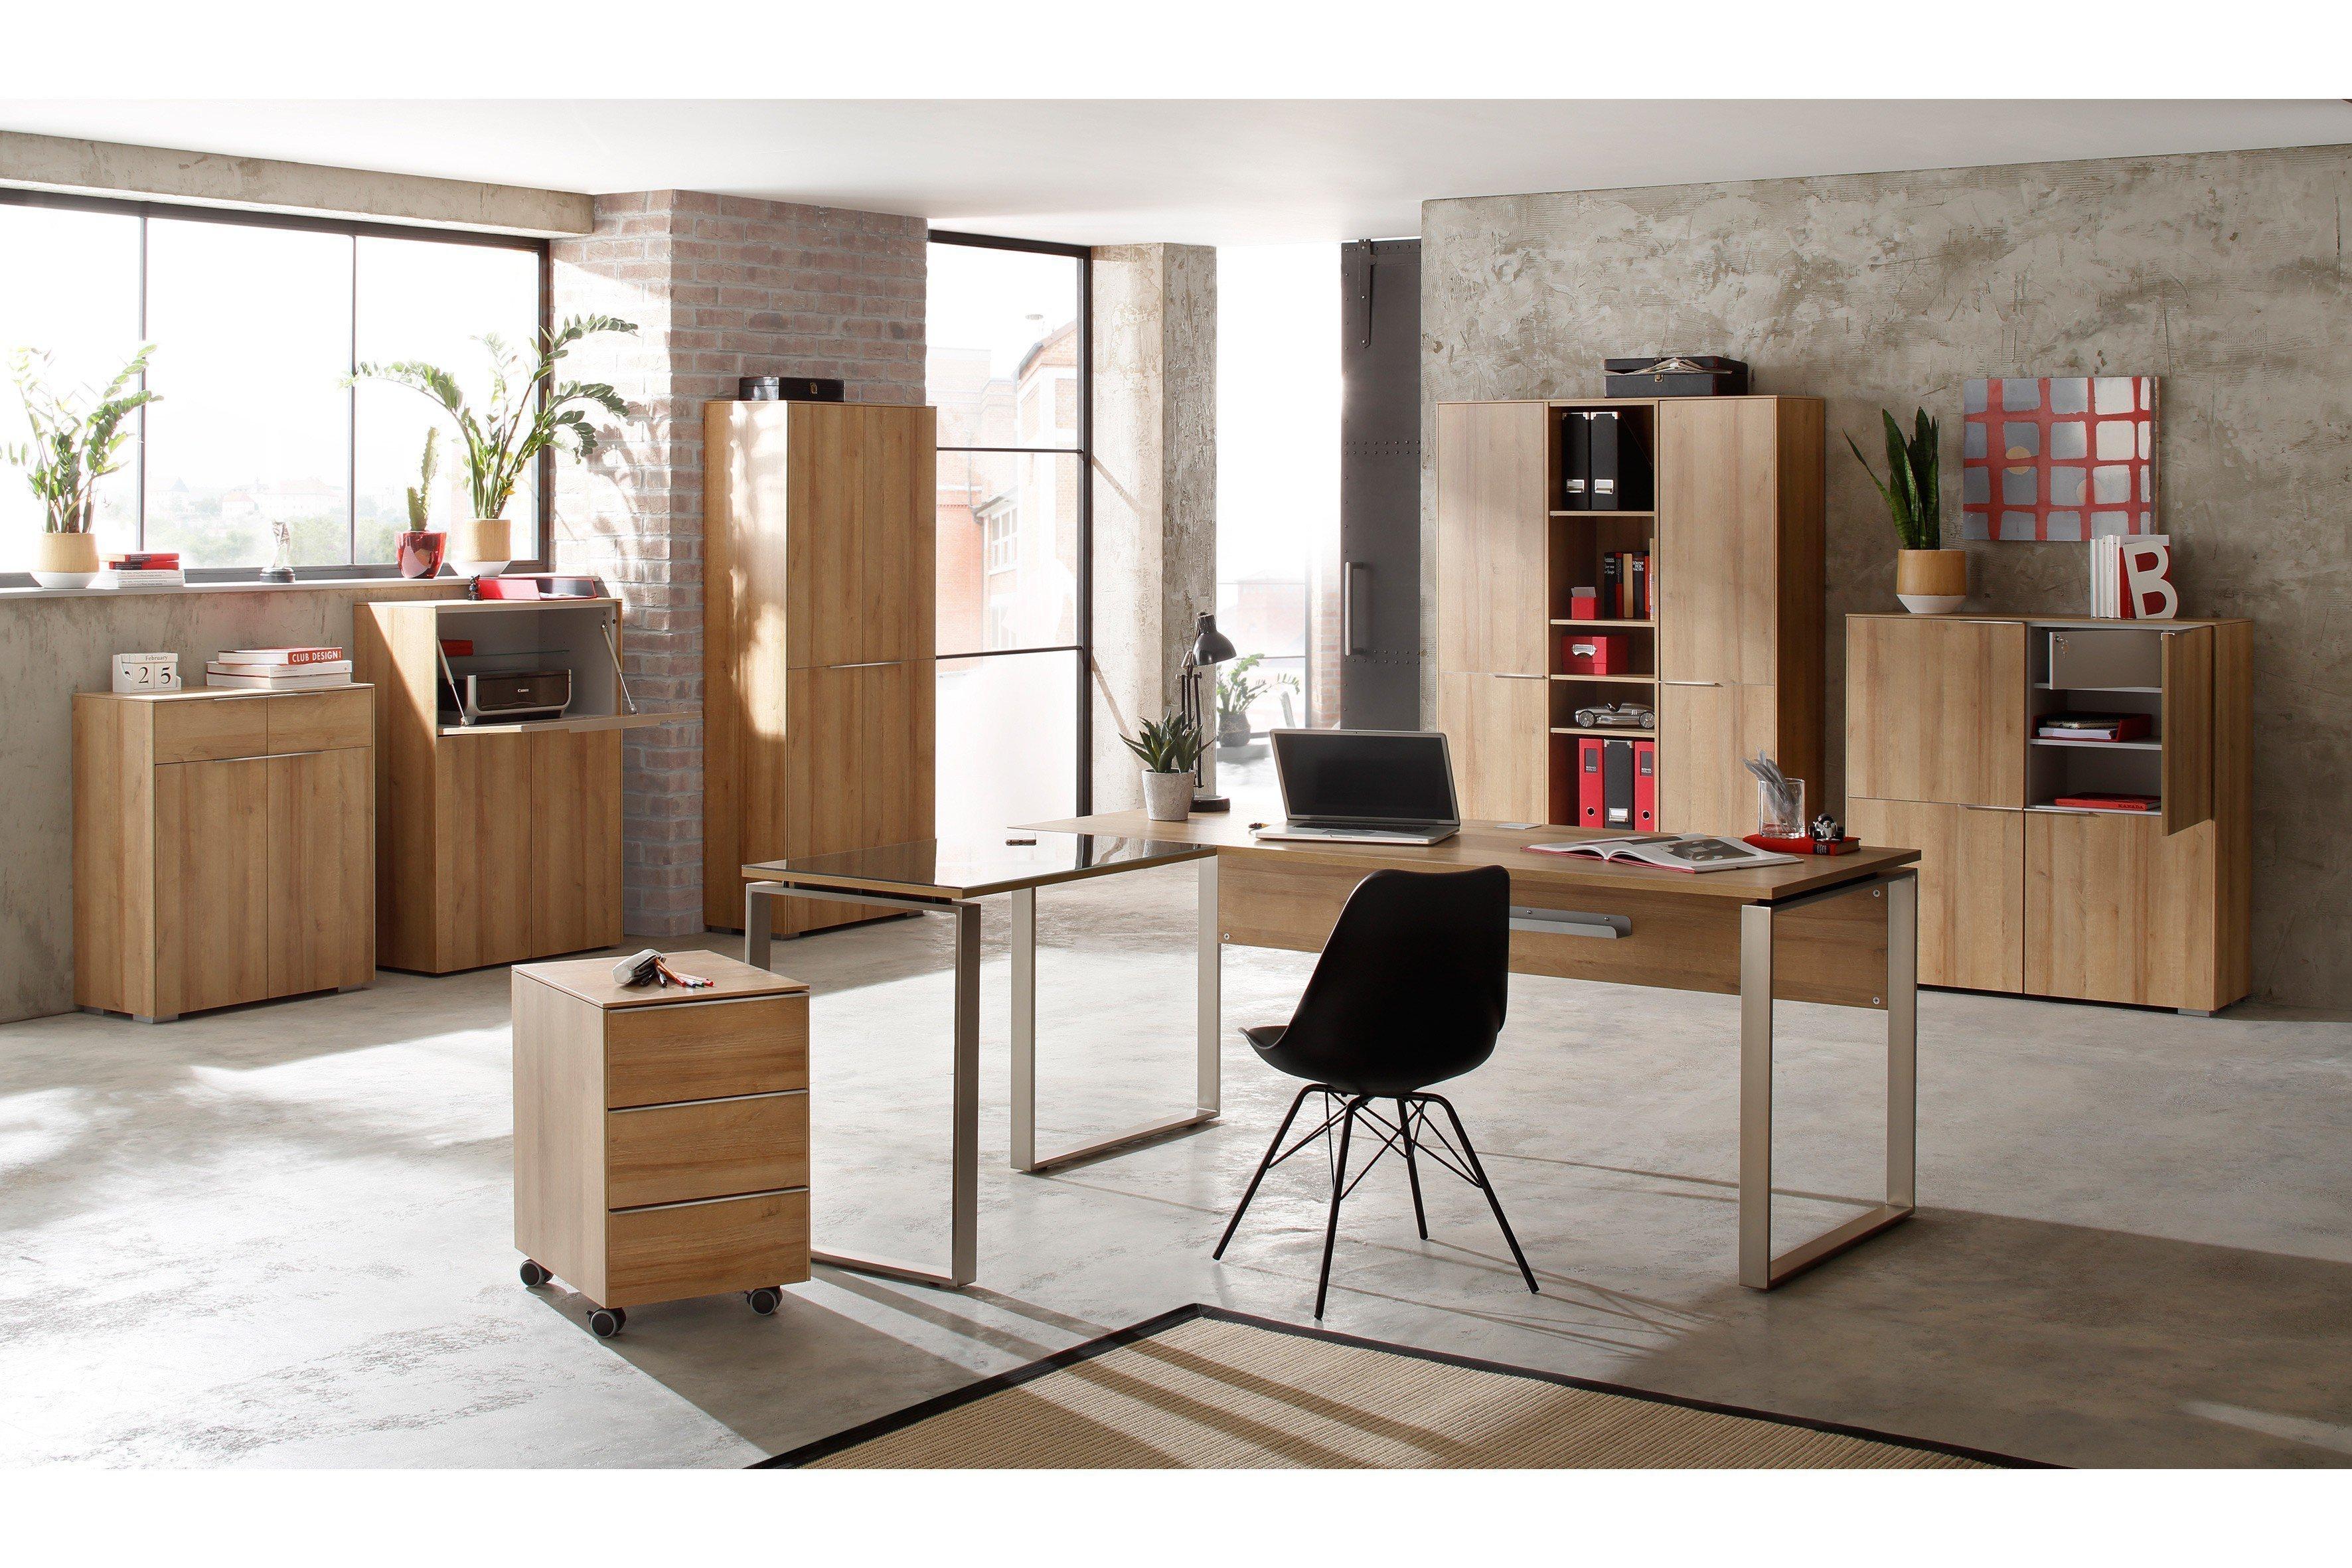 maja yolo eckschreibtisch holz m bel letz ihr online shop. Black Bedroom Furniture Sets. Home Design Ideas